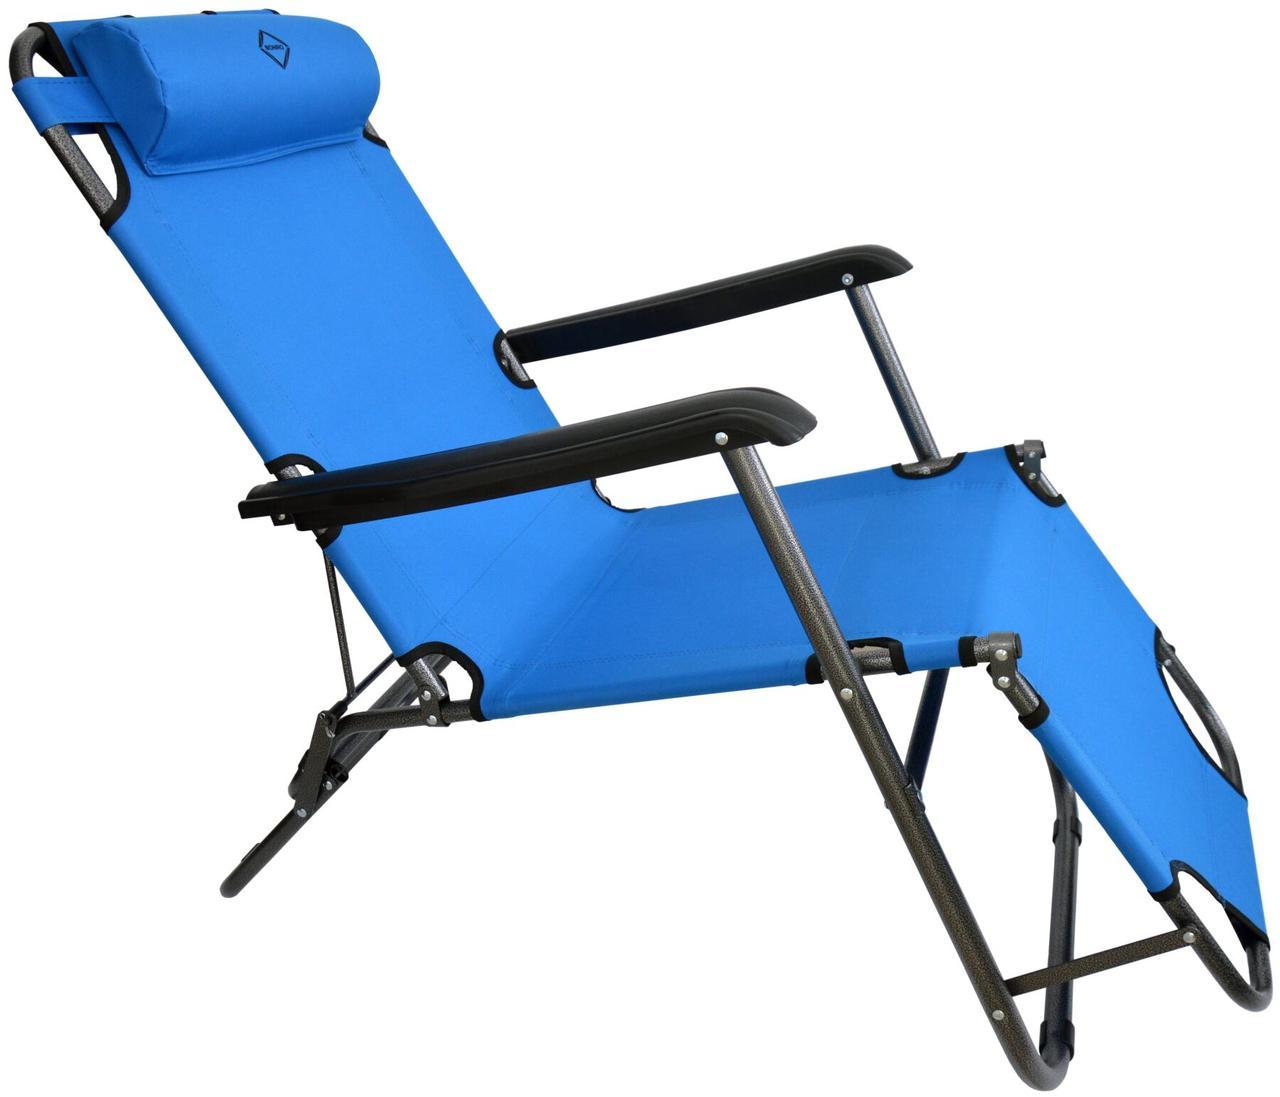 Шезлонг лежак стальной прочный садовое кресло на 153 см раскладное голубое с подголовником нагрузкой до 100 кг